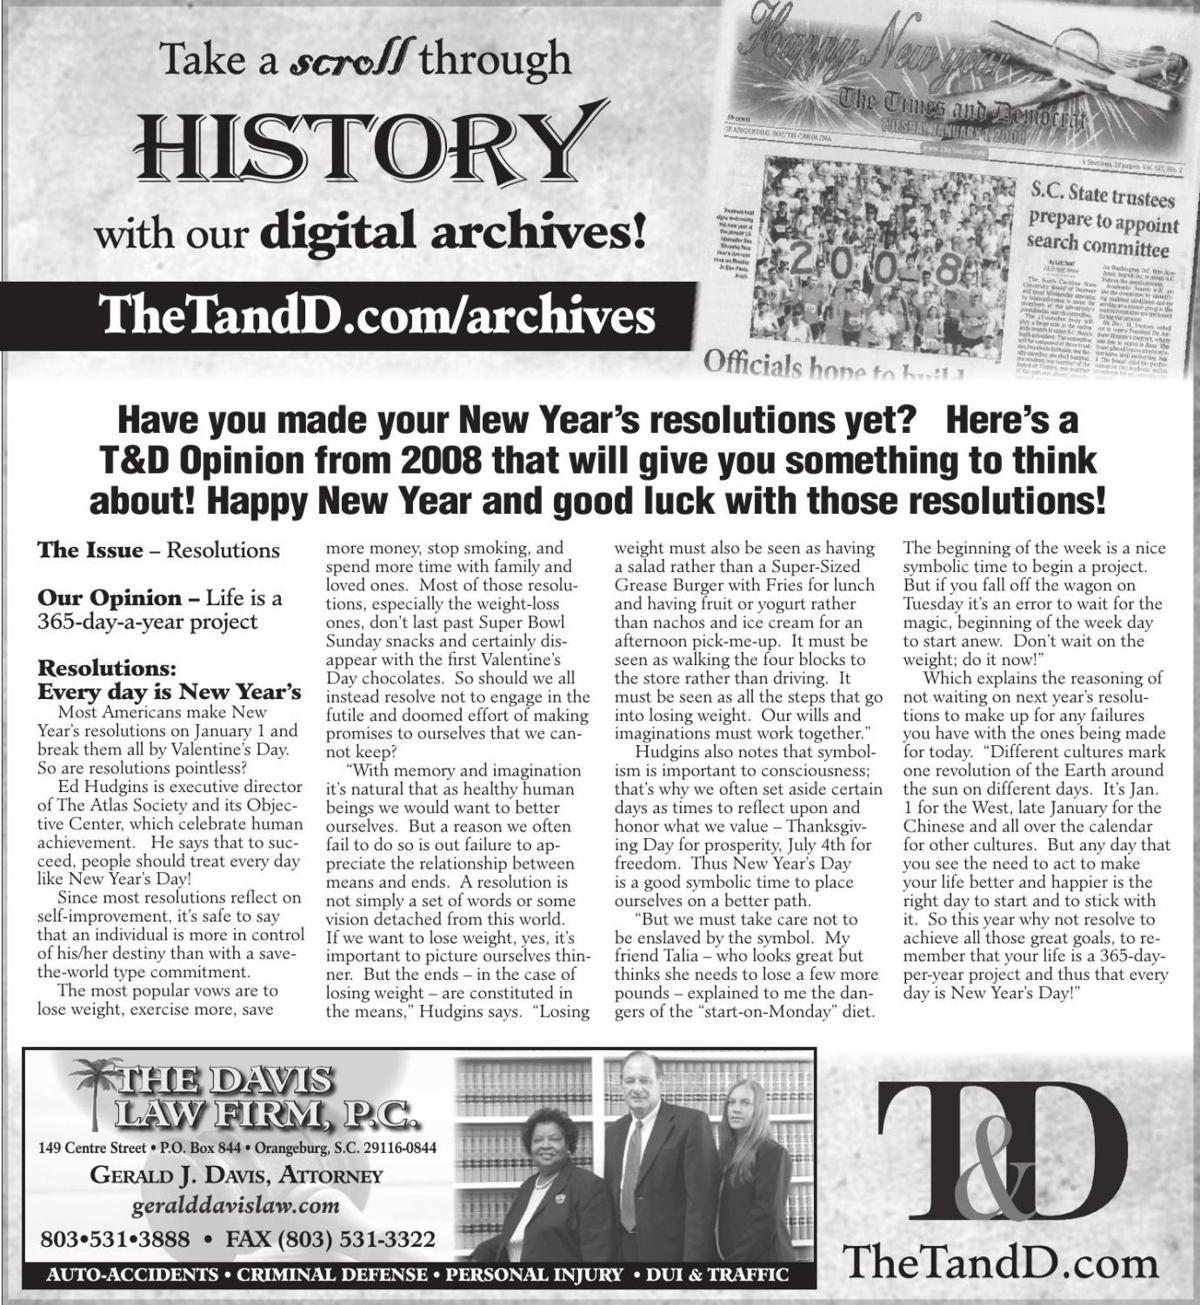 TheTandD.com/archives Dec. 29, 2019